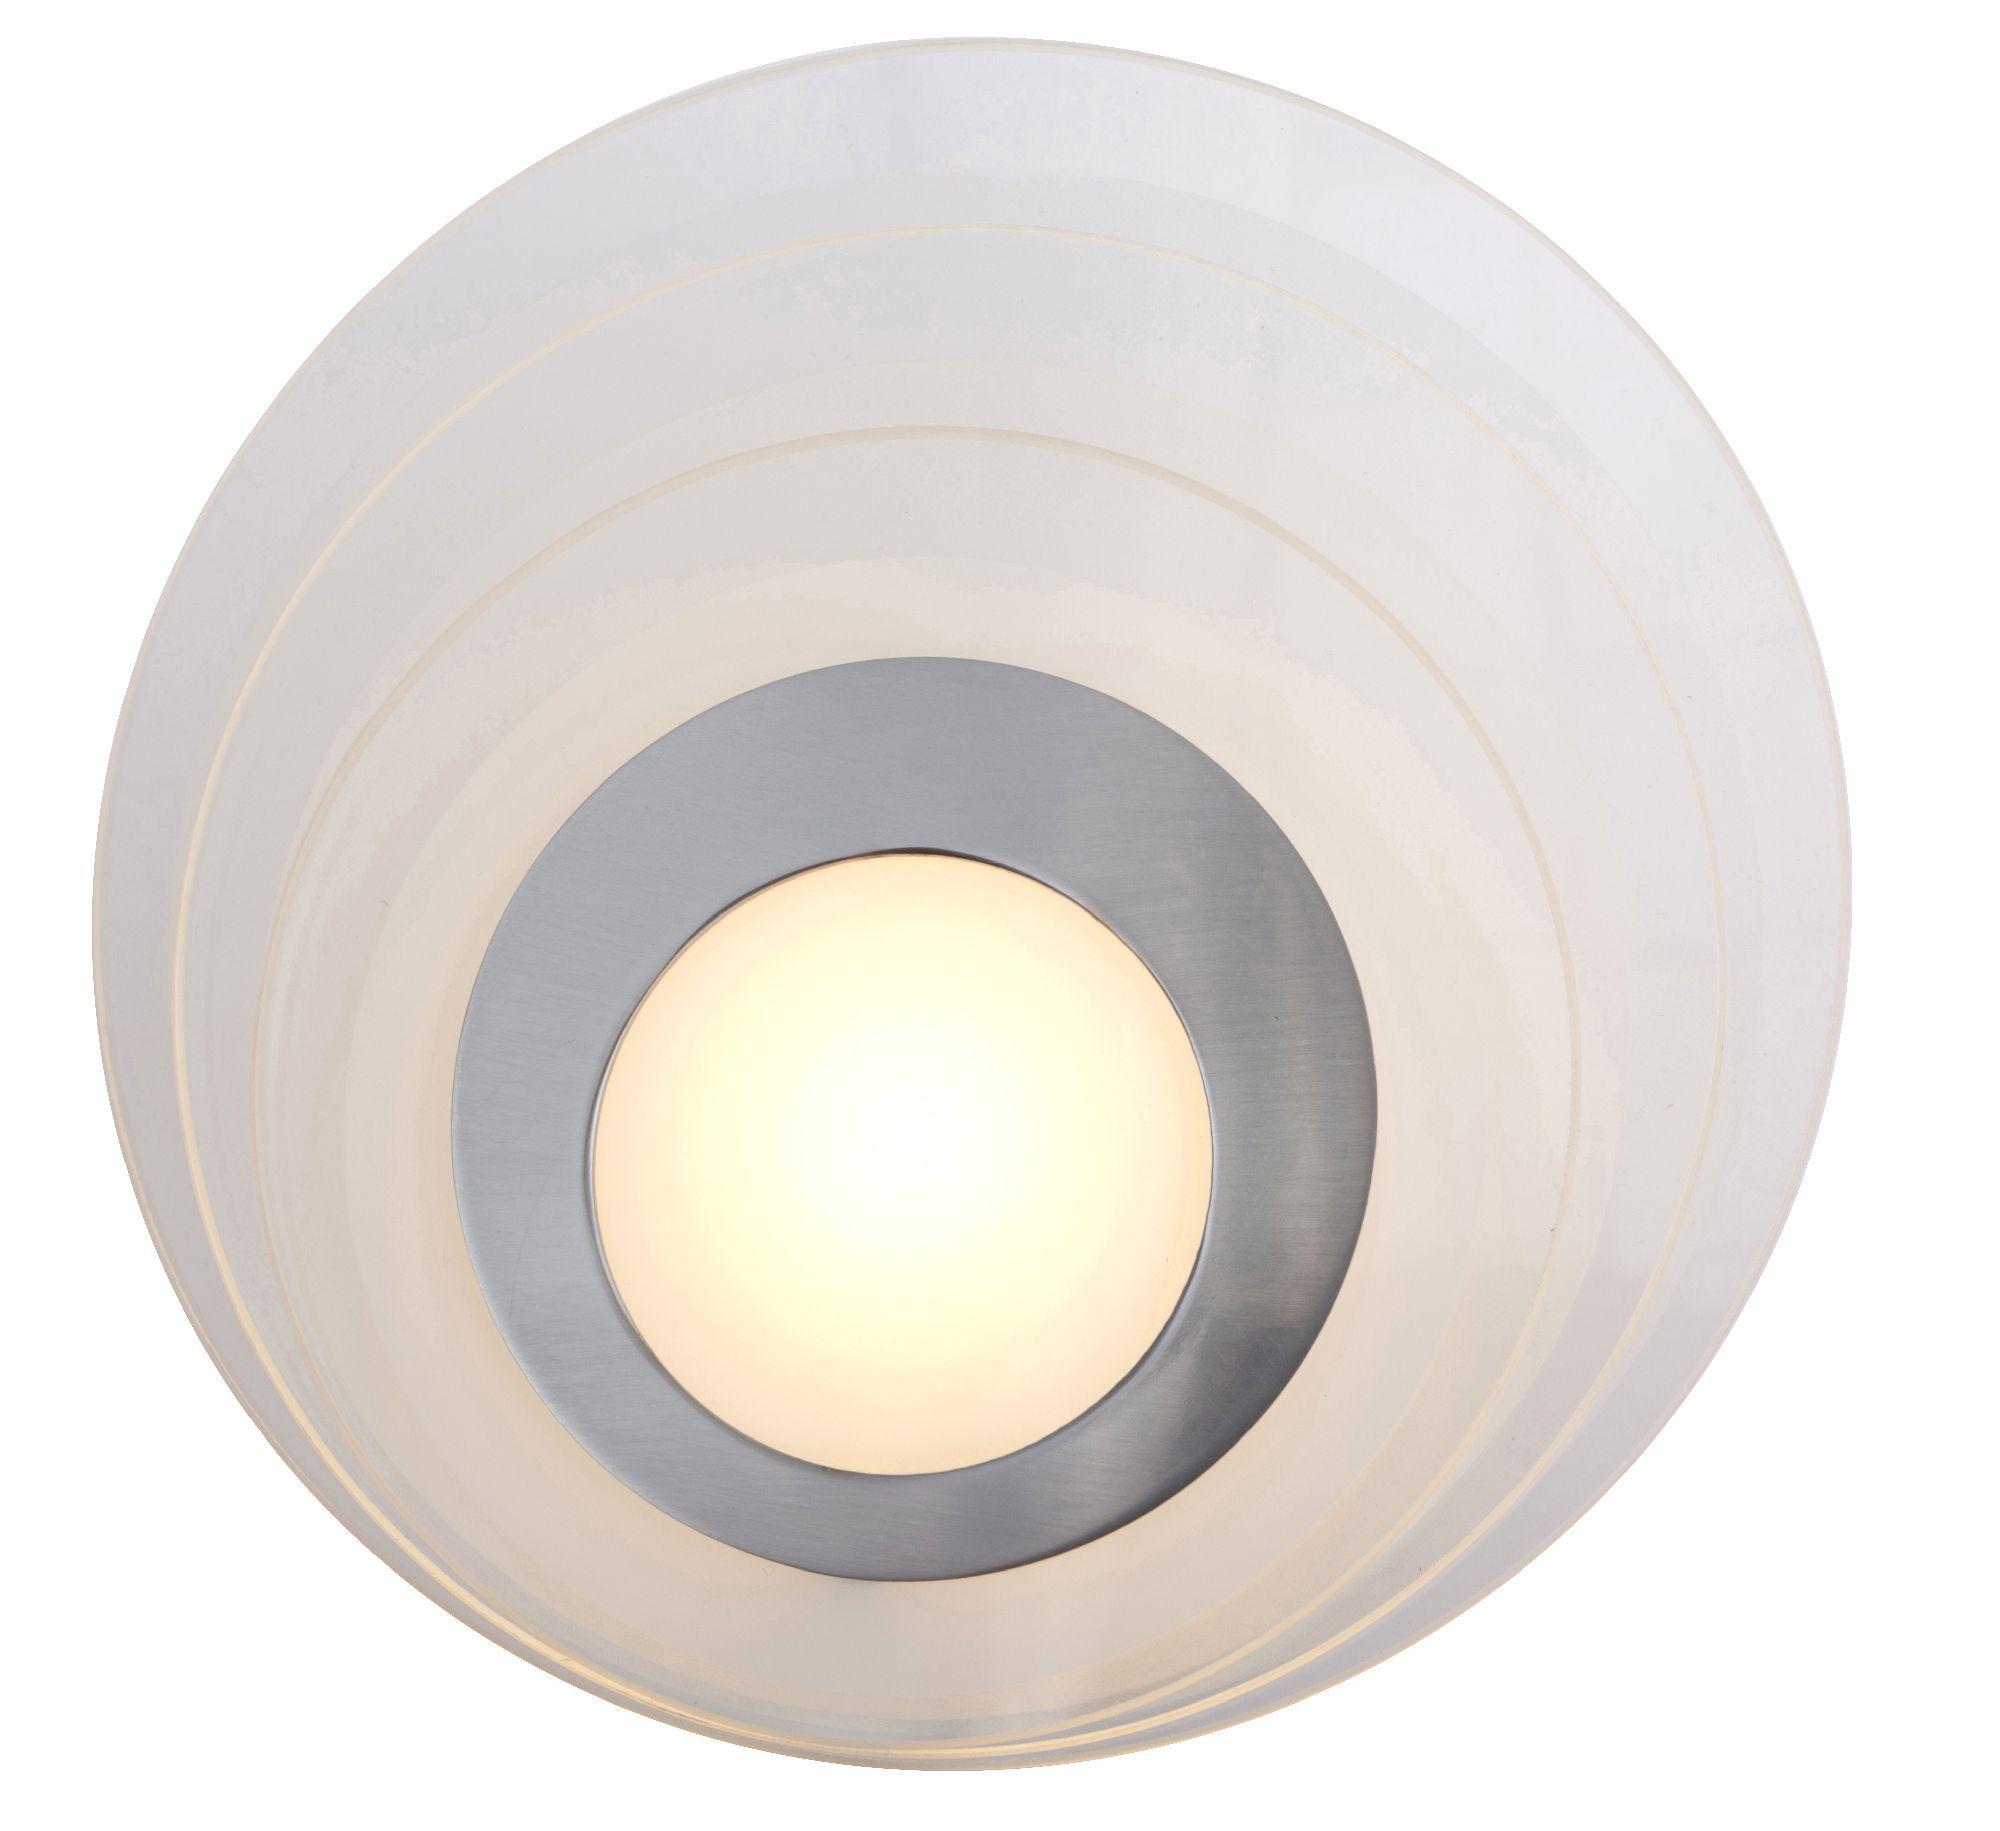 steinhauer wandlampen 7337st led lampen. Black Bedroom Furniture Sets. Home Design Ideas